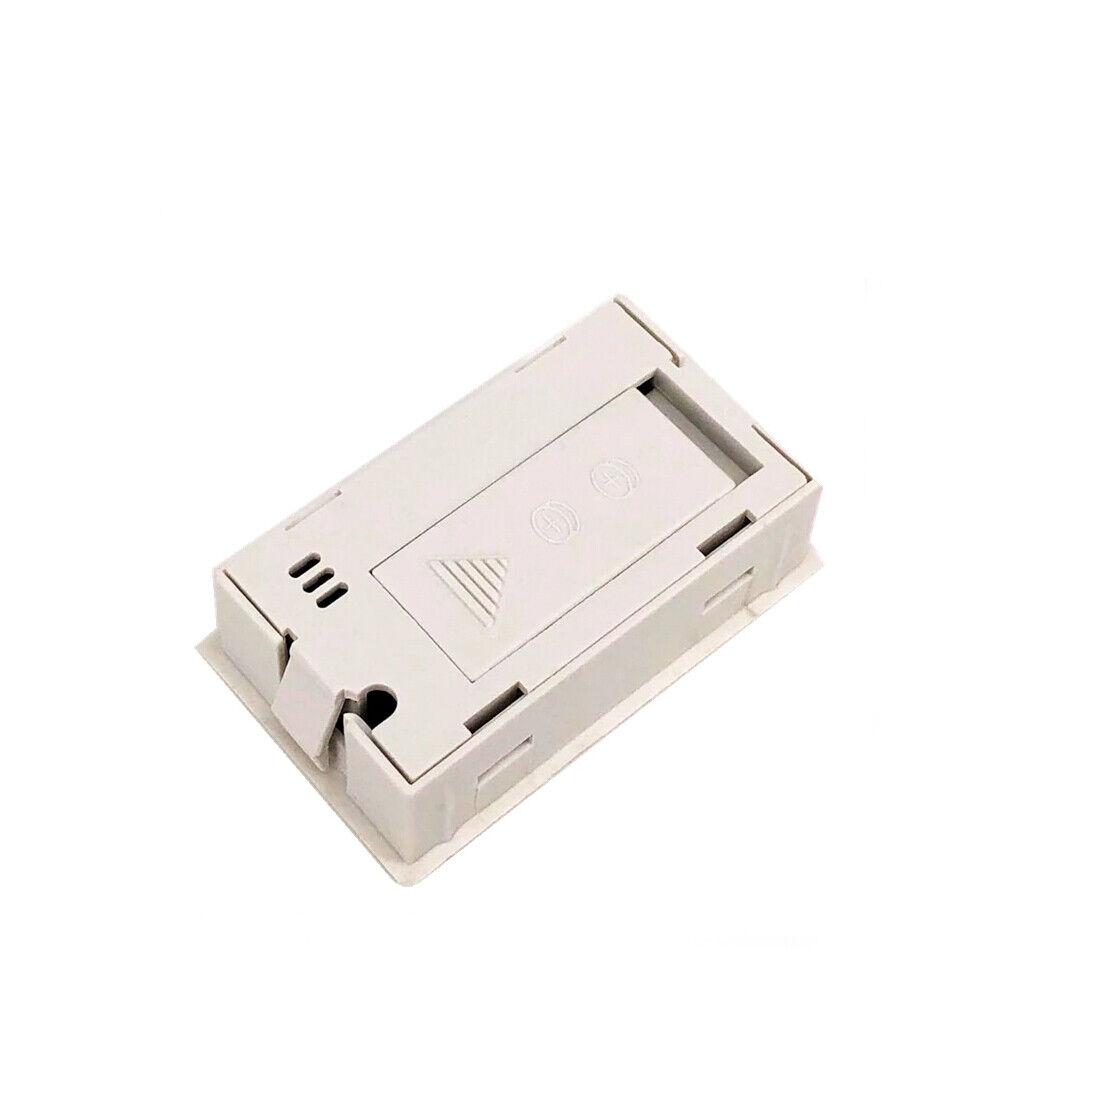 1 Thermomètre numérique LCD température -50 ~ 110 degrés Blanc + 2 piles LR44